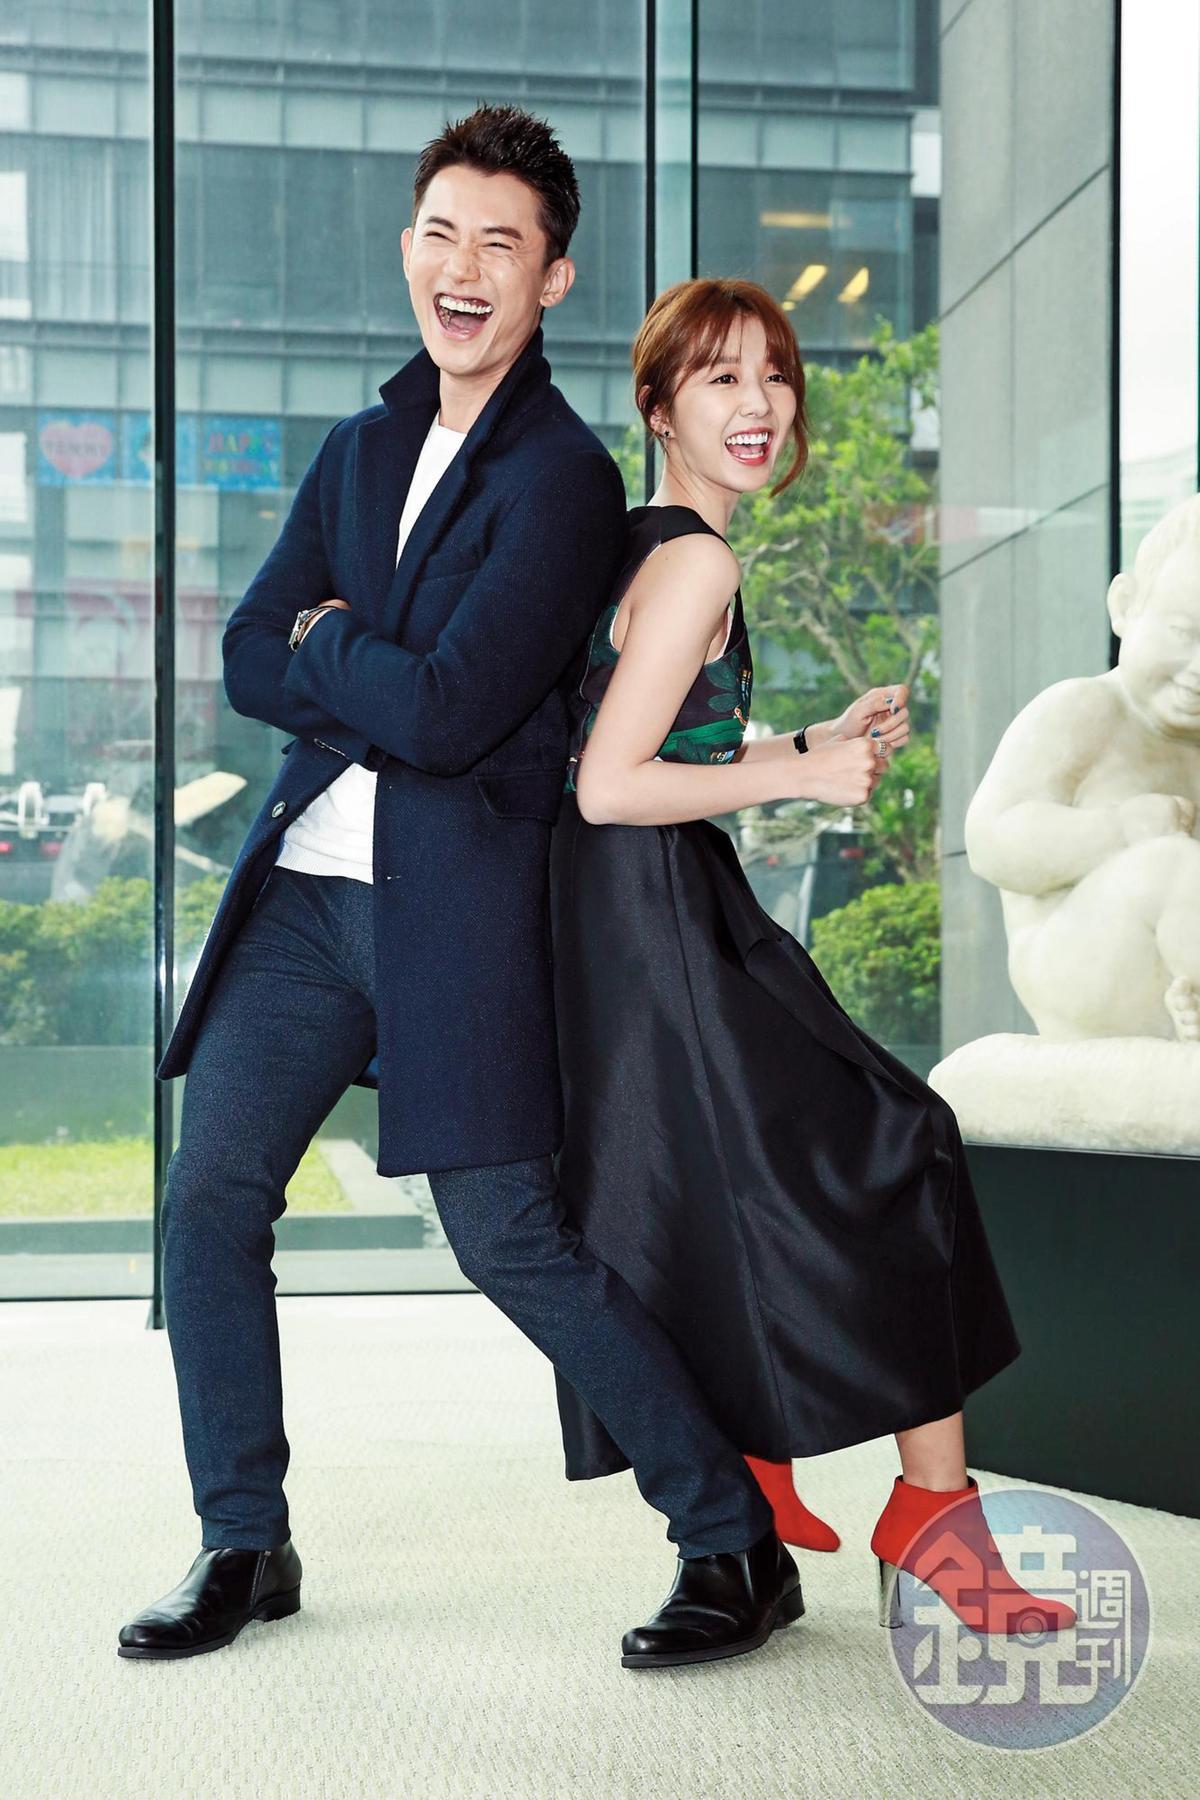 邵雨薇(右)拍《極品絕配》時甩了張立昂,並跟戲中的男主角吳慷仁(左)私下出去約會。